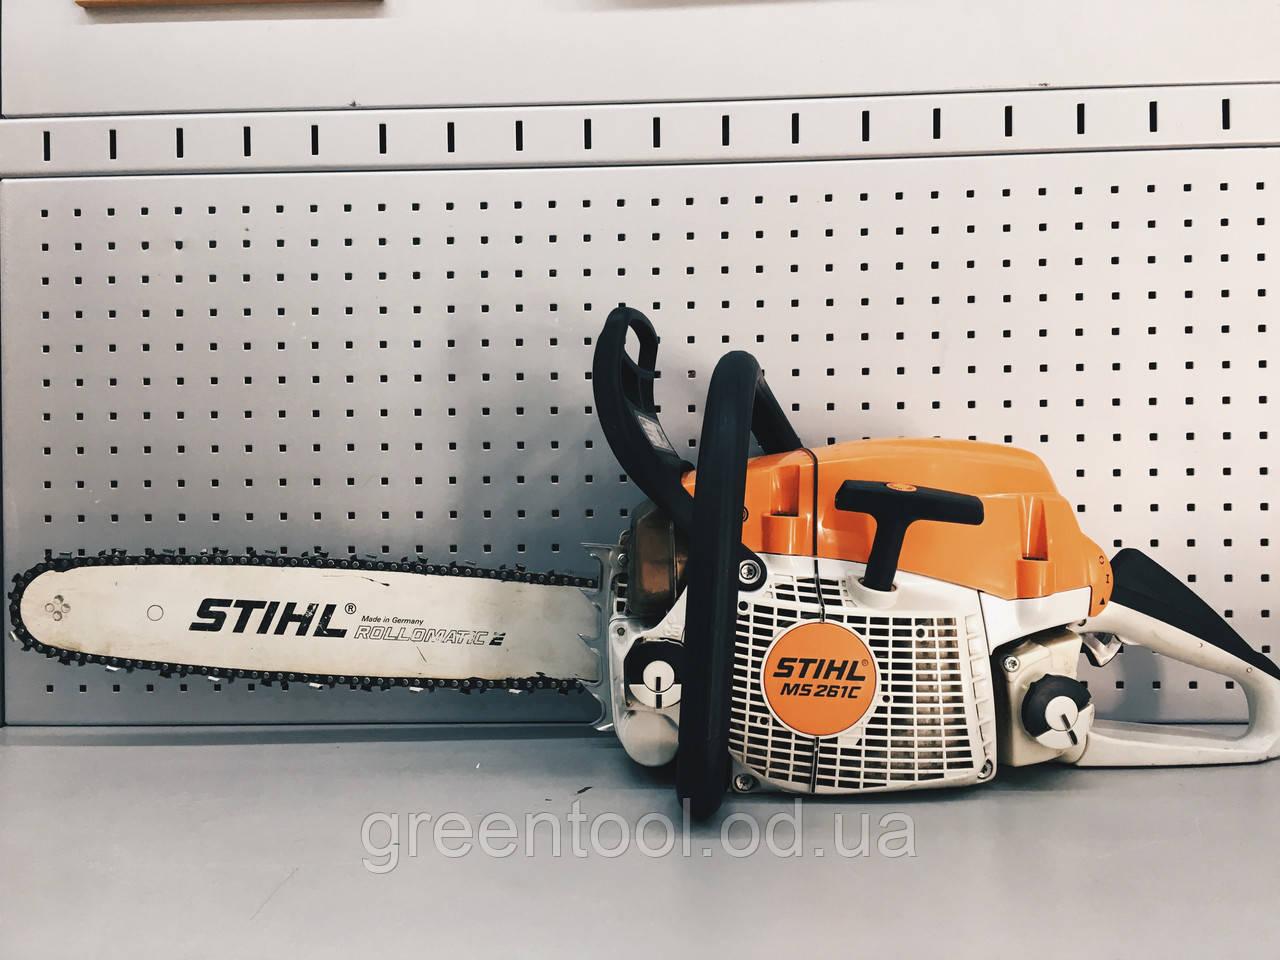 Аренда бензопилы STIHL MS 261 CM-Q